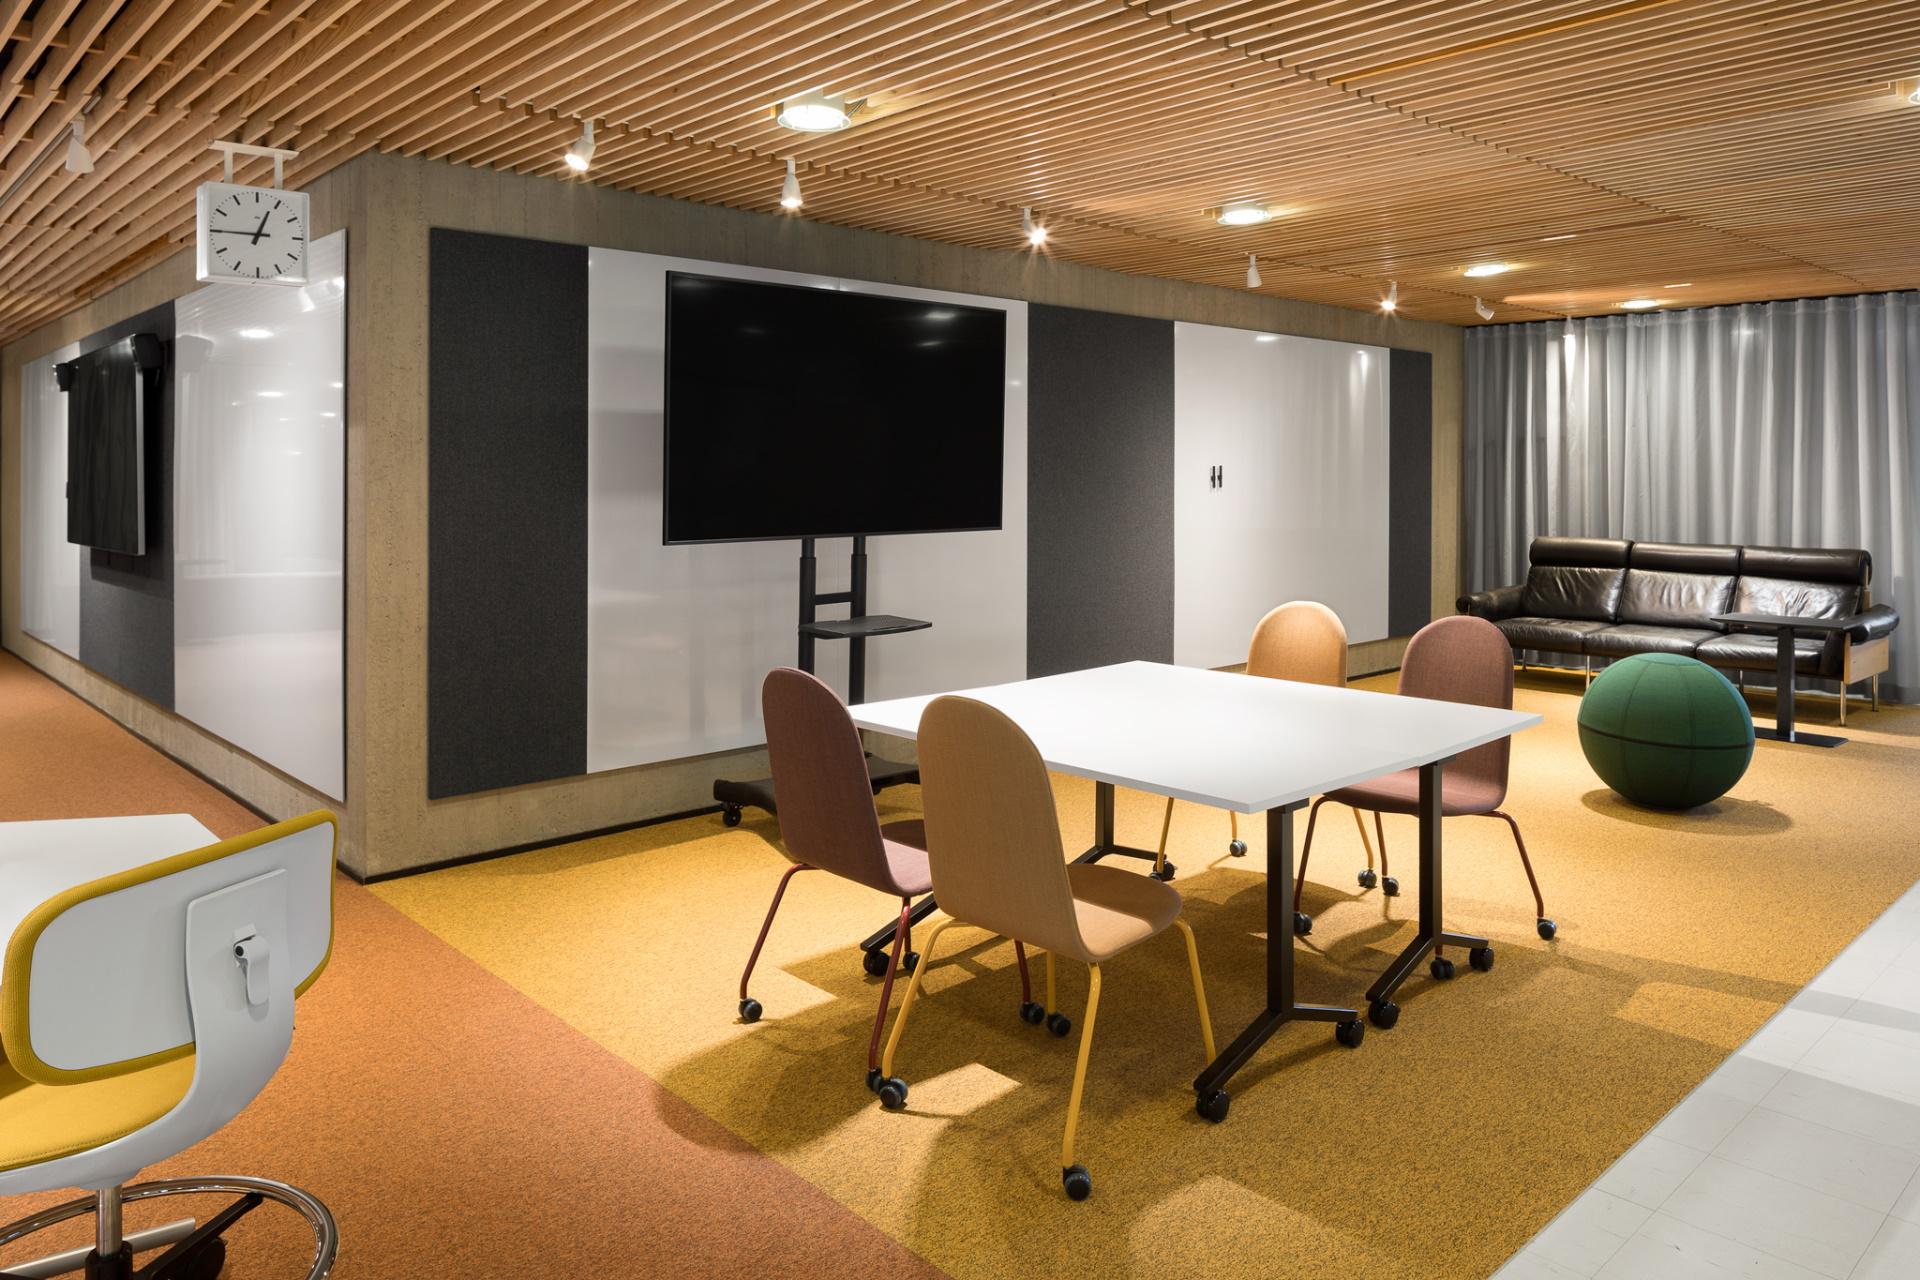 Muuntojoustavien tilojen suunnittelussa kalustukseen valittiin pyörillä varustettuja malleja.